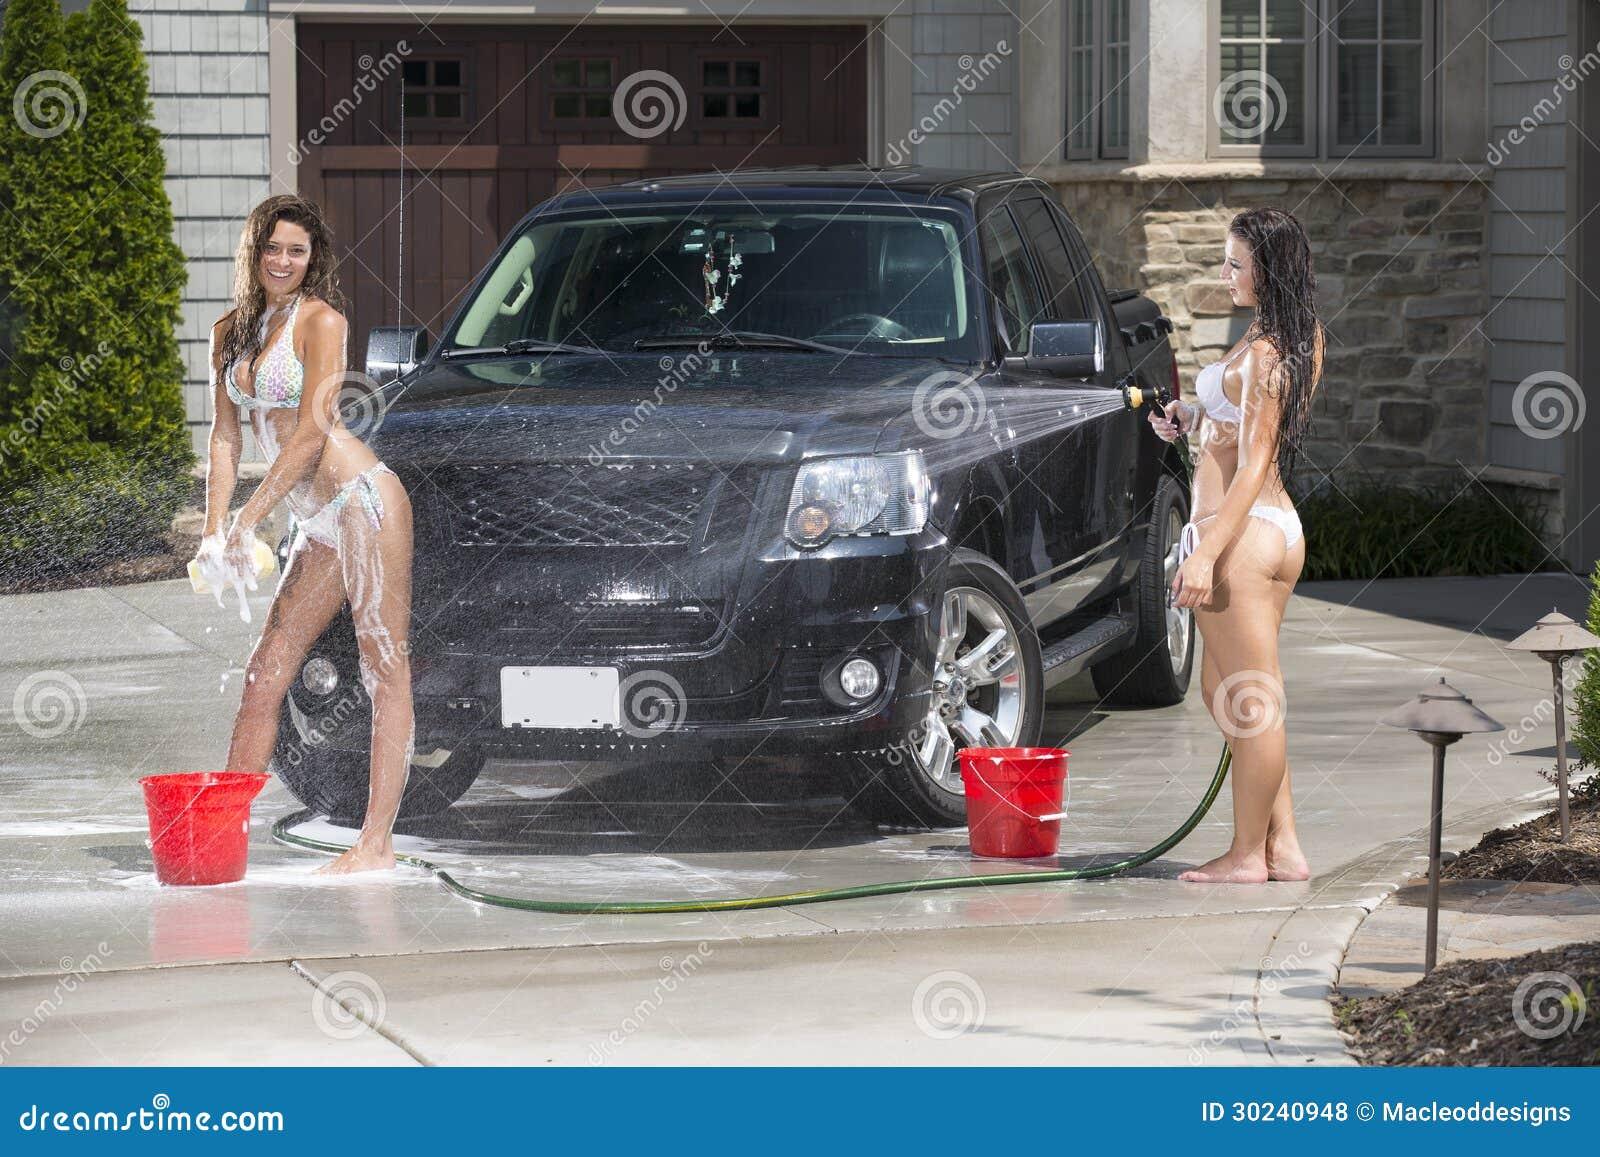 Sexy Mädchen waschen einen schwarzen LKW in den Bikinis